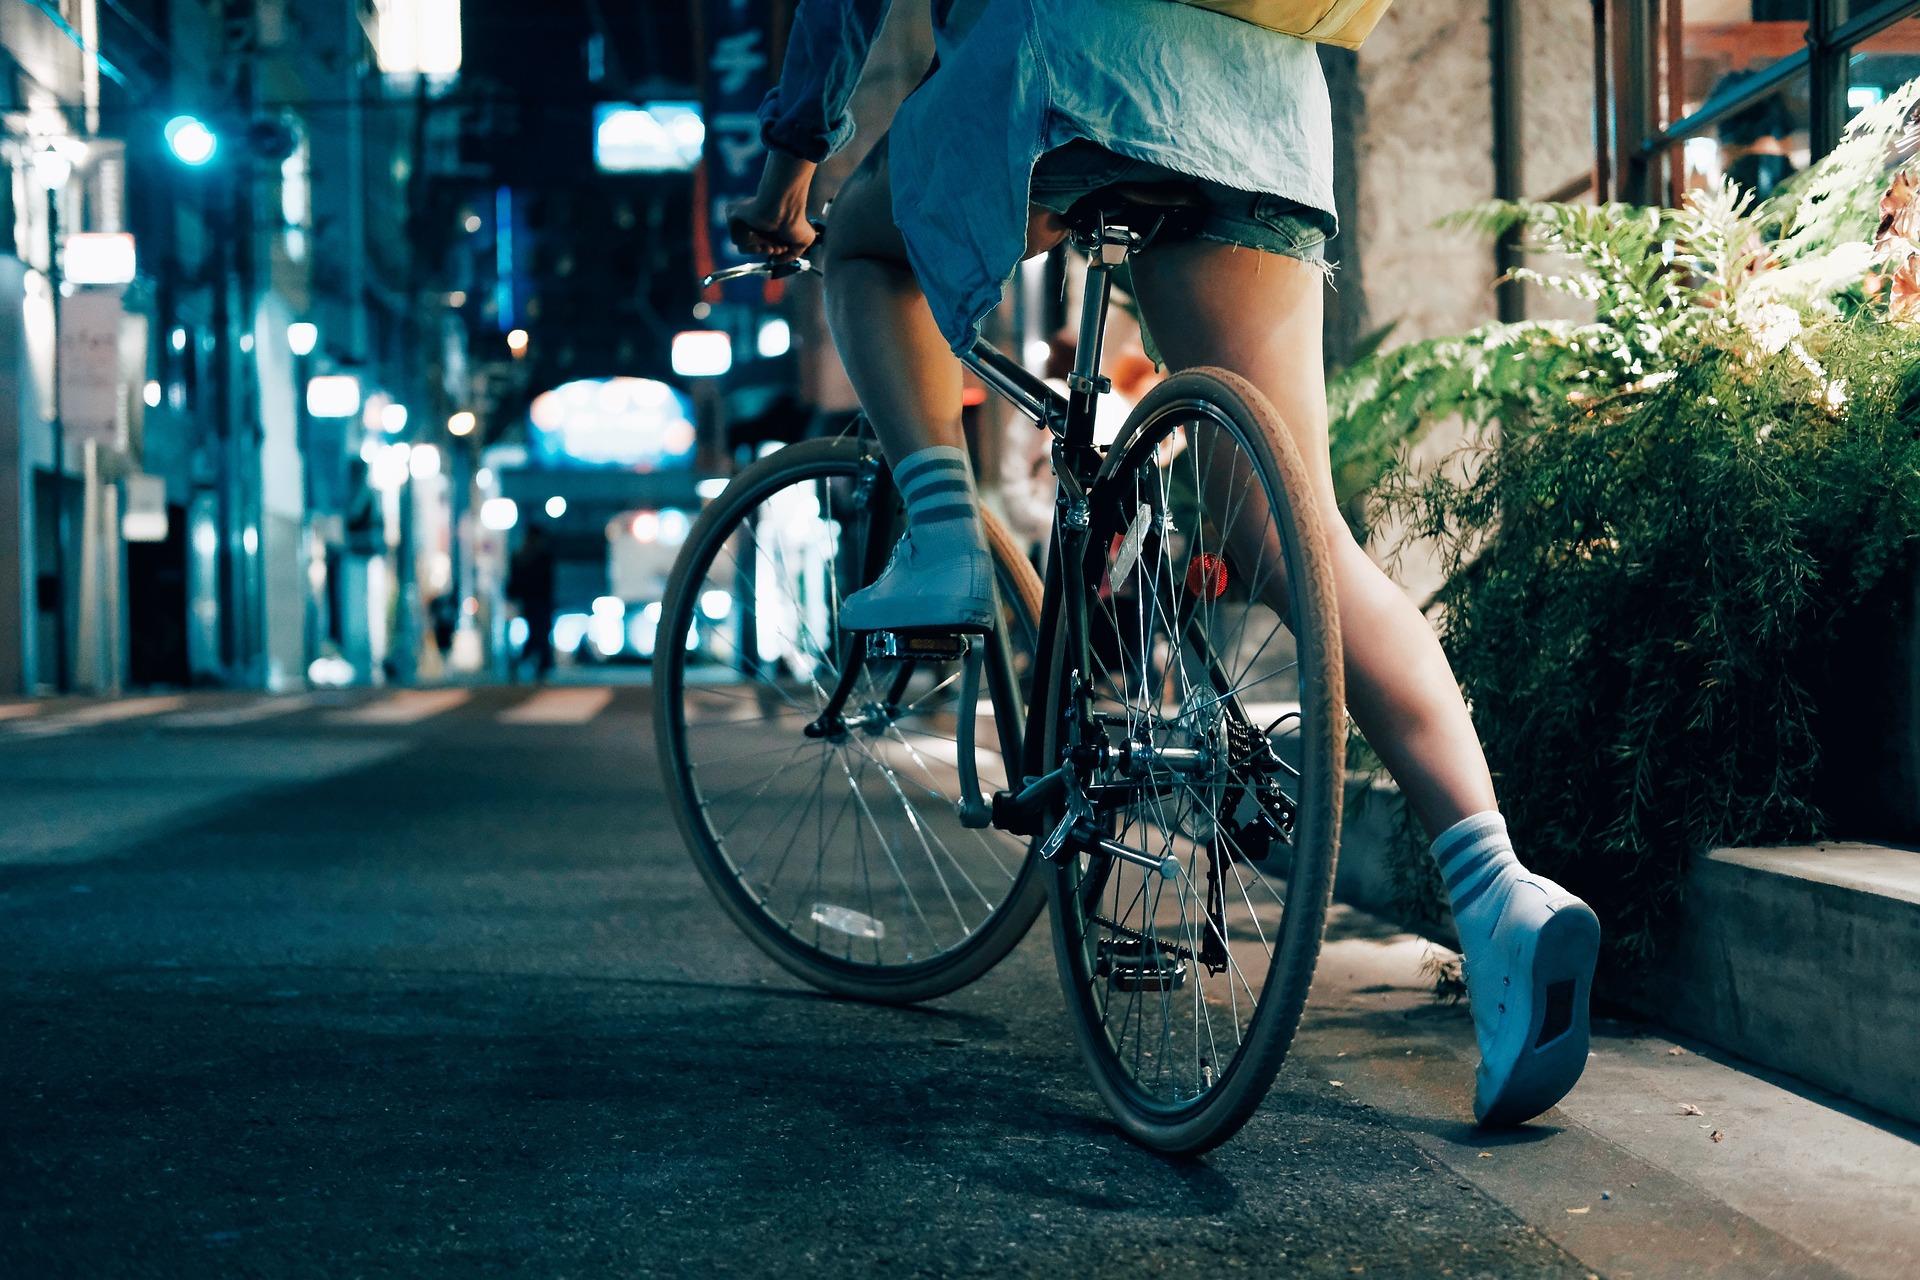 夢も希望もない女性が自転車に乗って走り出す後ろ姿の画像